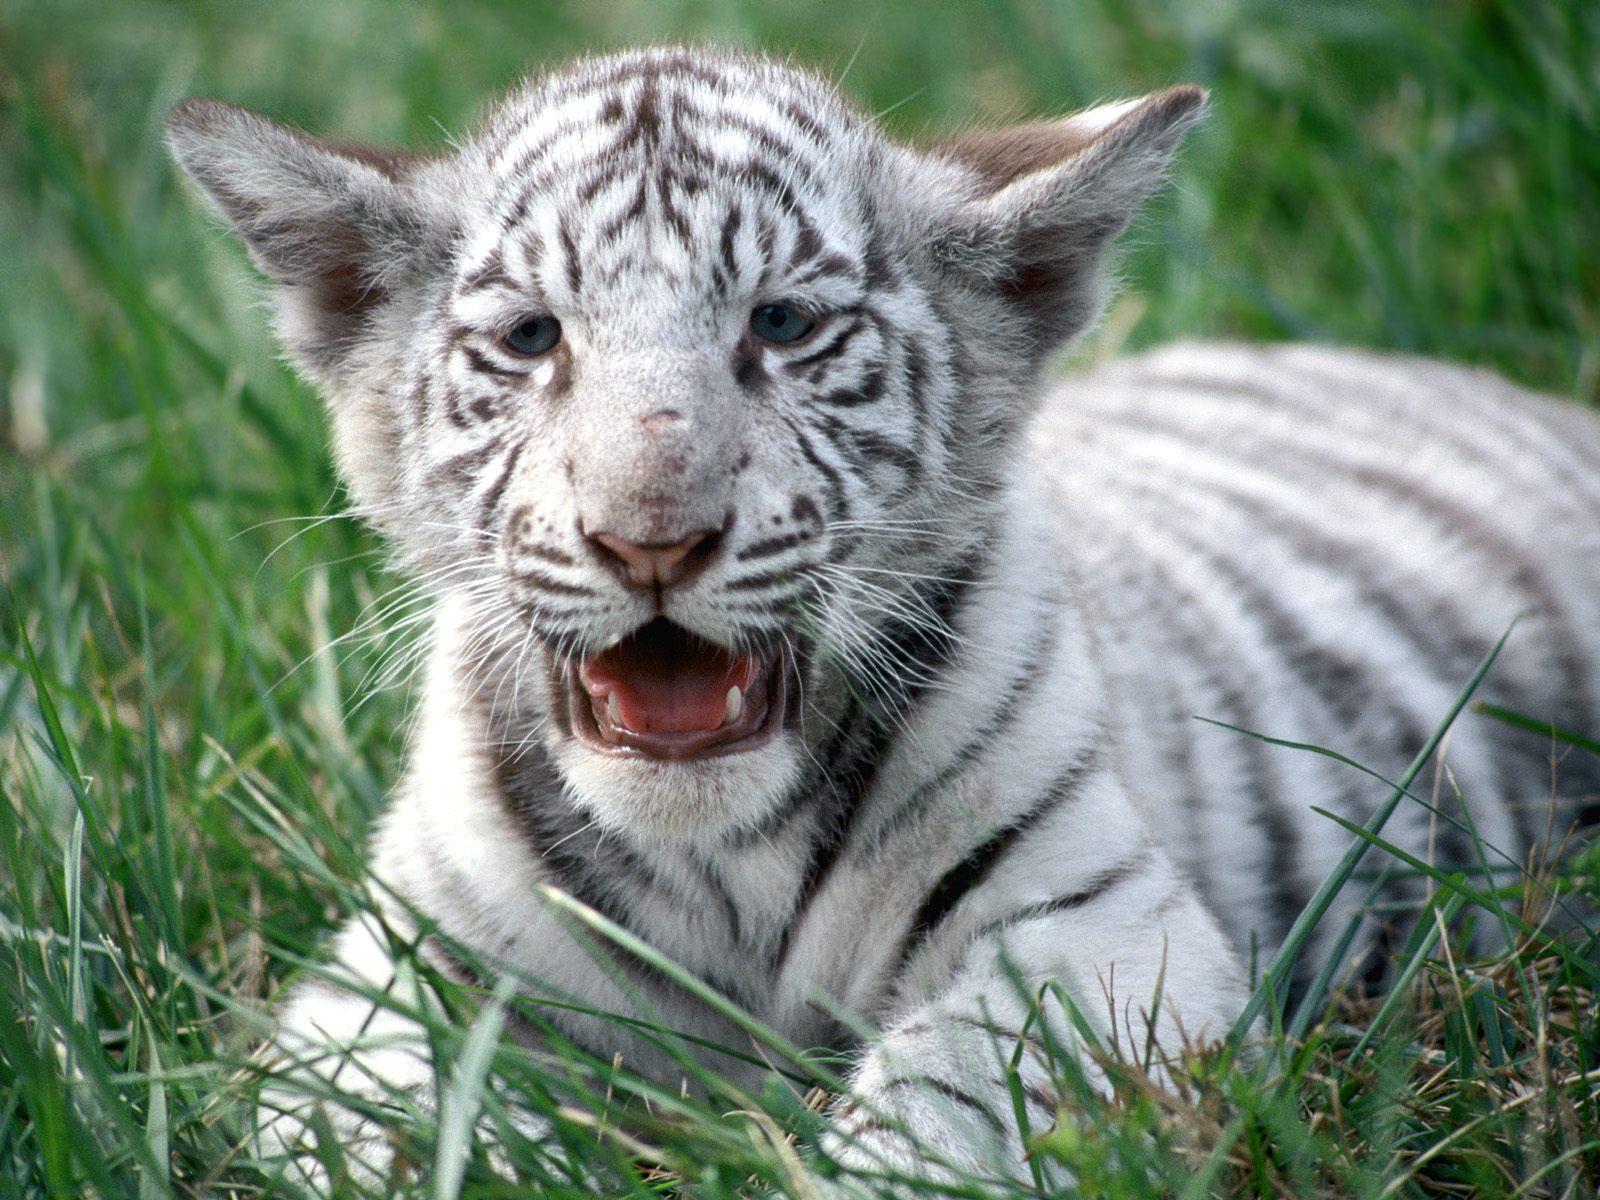 White tiger cubs Wallpaperart 1600x1200